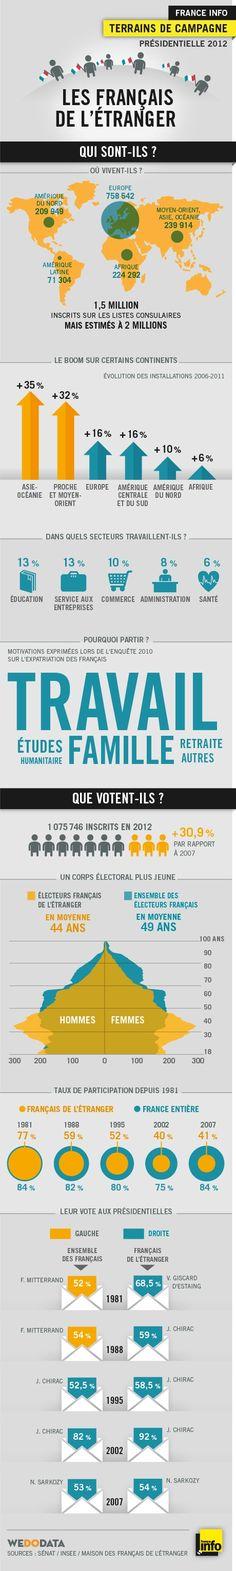 Les français à l'étranger http://www.franceinfo.fr/politique/terrains-de-campagne/les-francais-de-l-etranger-quelle-influence-dans-les-urnes-565151-2012-03-26